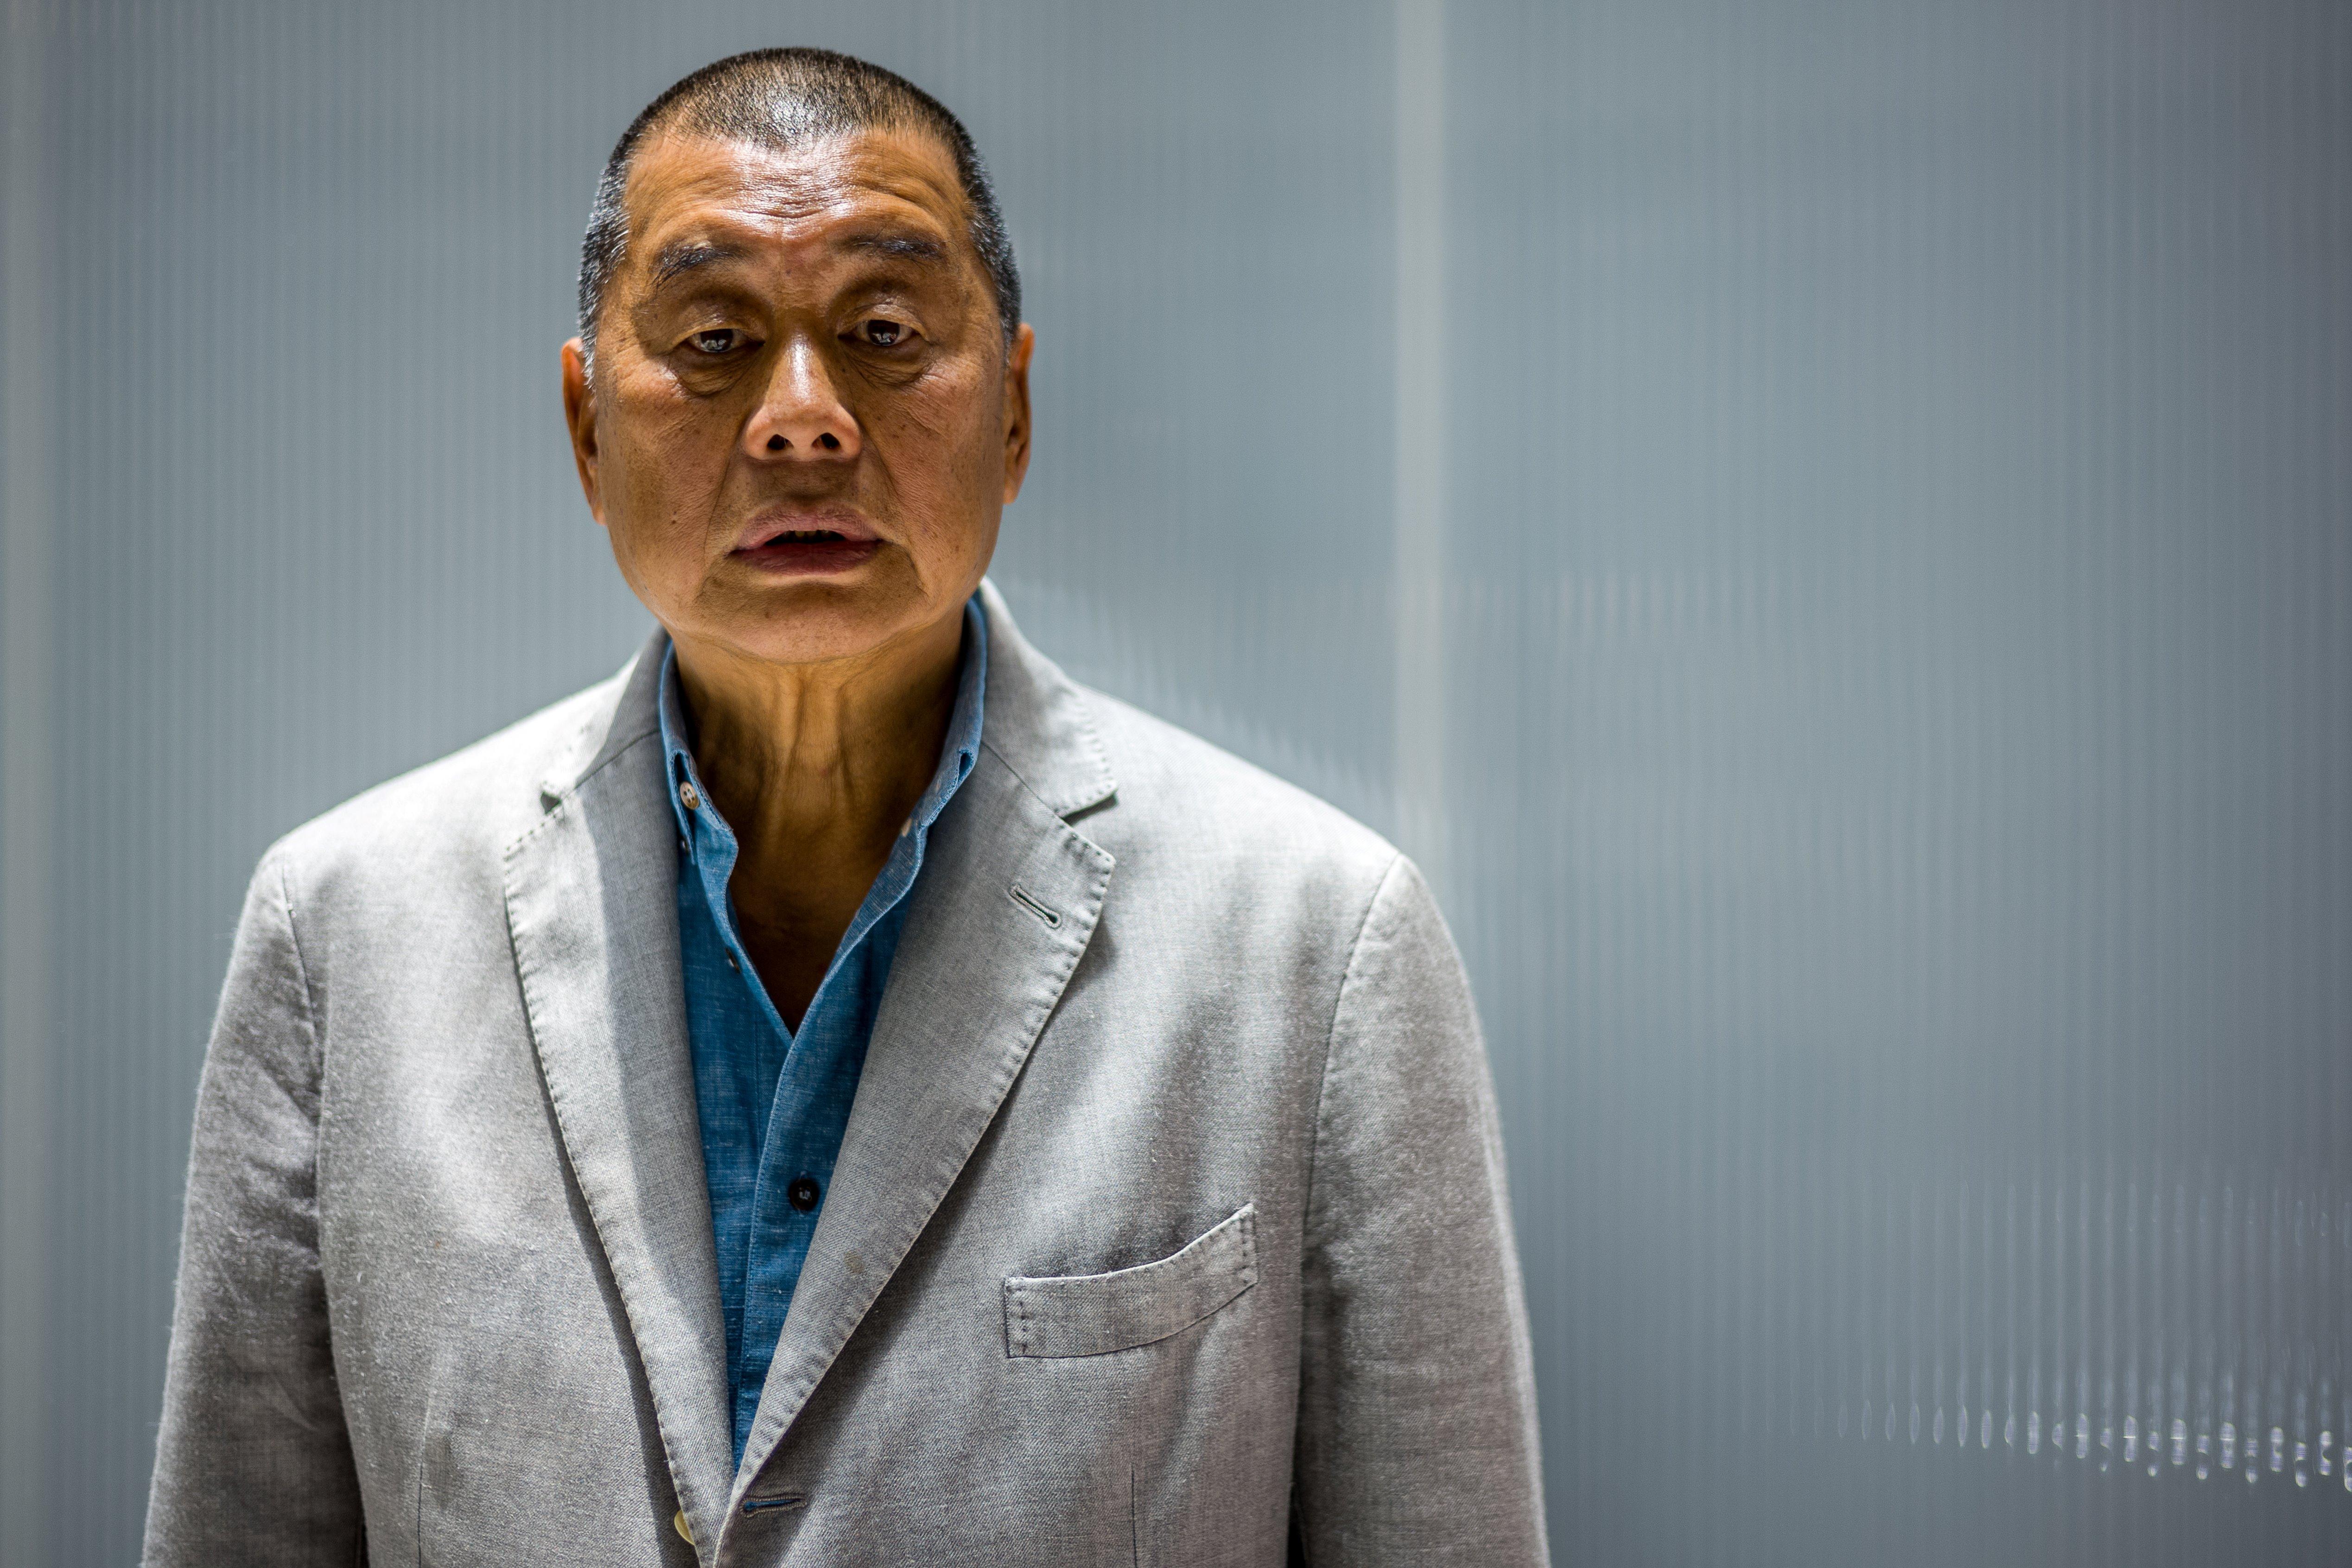 Egy év börtönre ítélték Jimmy Lai hongkongi ellenzéki médiavállalkozót